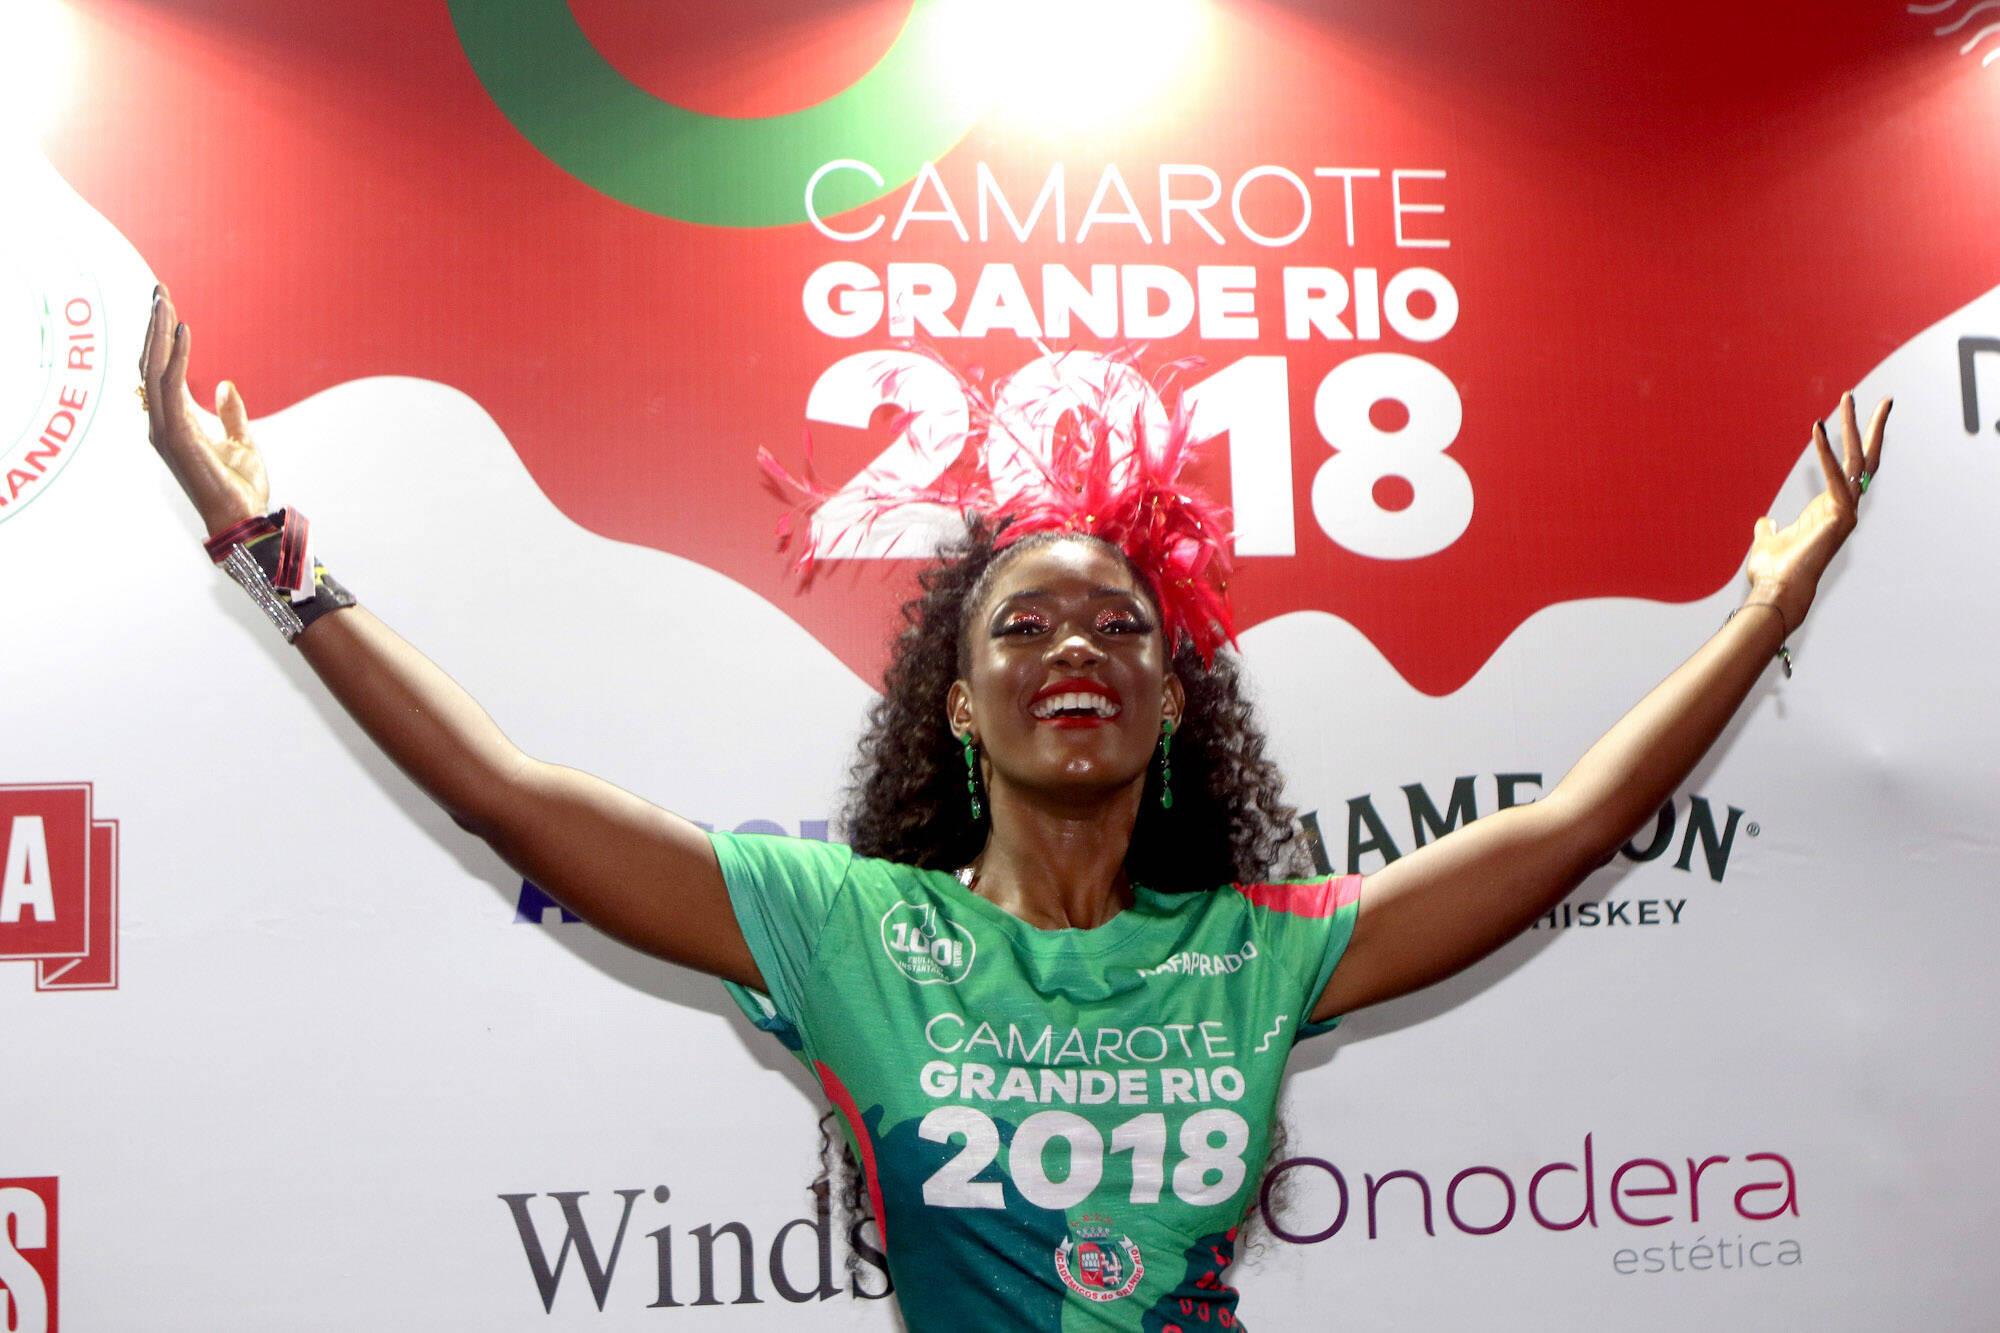 A musa Érika Januza, também passou pelo Camarote Grande Rio que se transformou no Cassino do Chacrinha na noite do último domingo (11). Foto: ENY MIRANDA/DIVULGAÇÃO